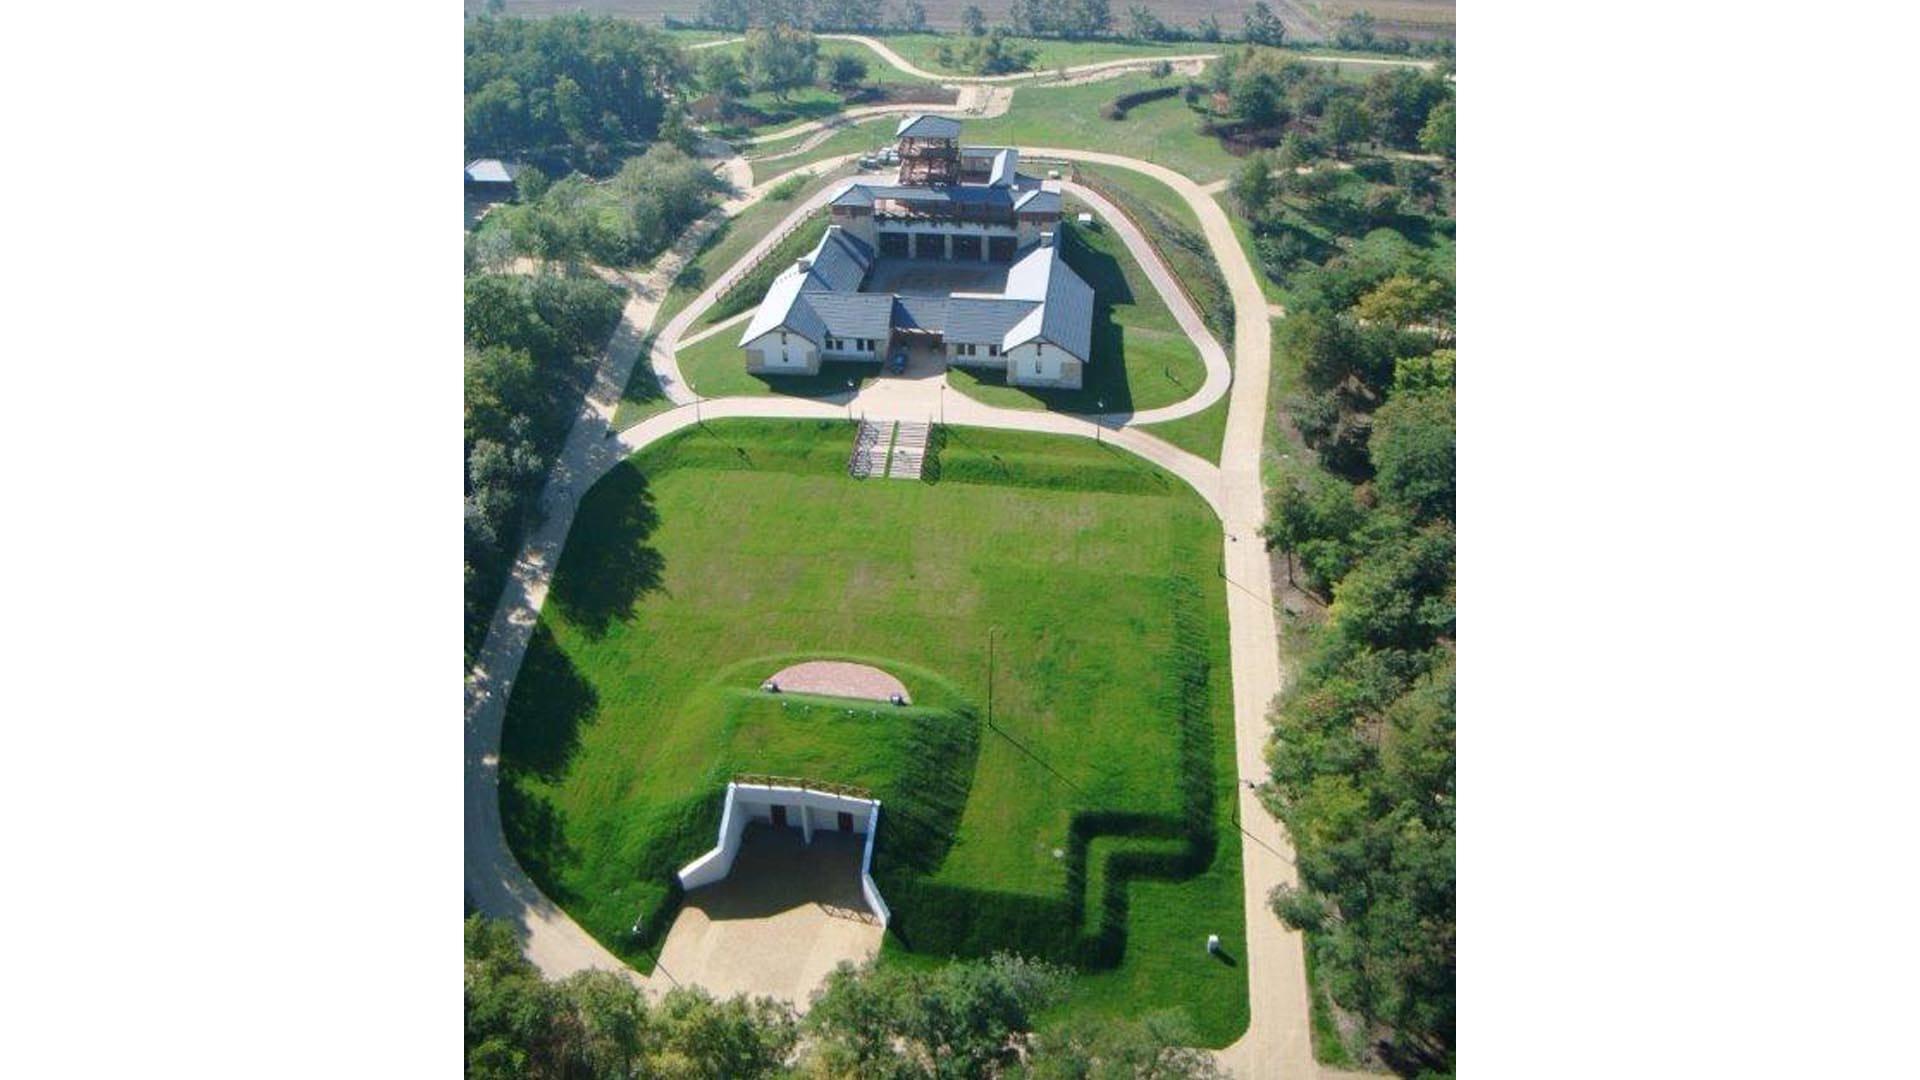 Centrum Edukacji Ekologicznej Śląskiego Ogrodu Botanicznego